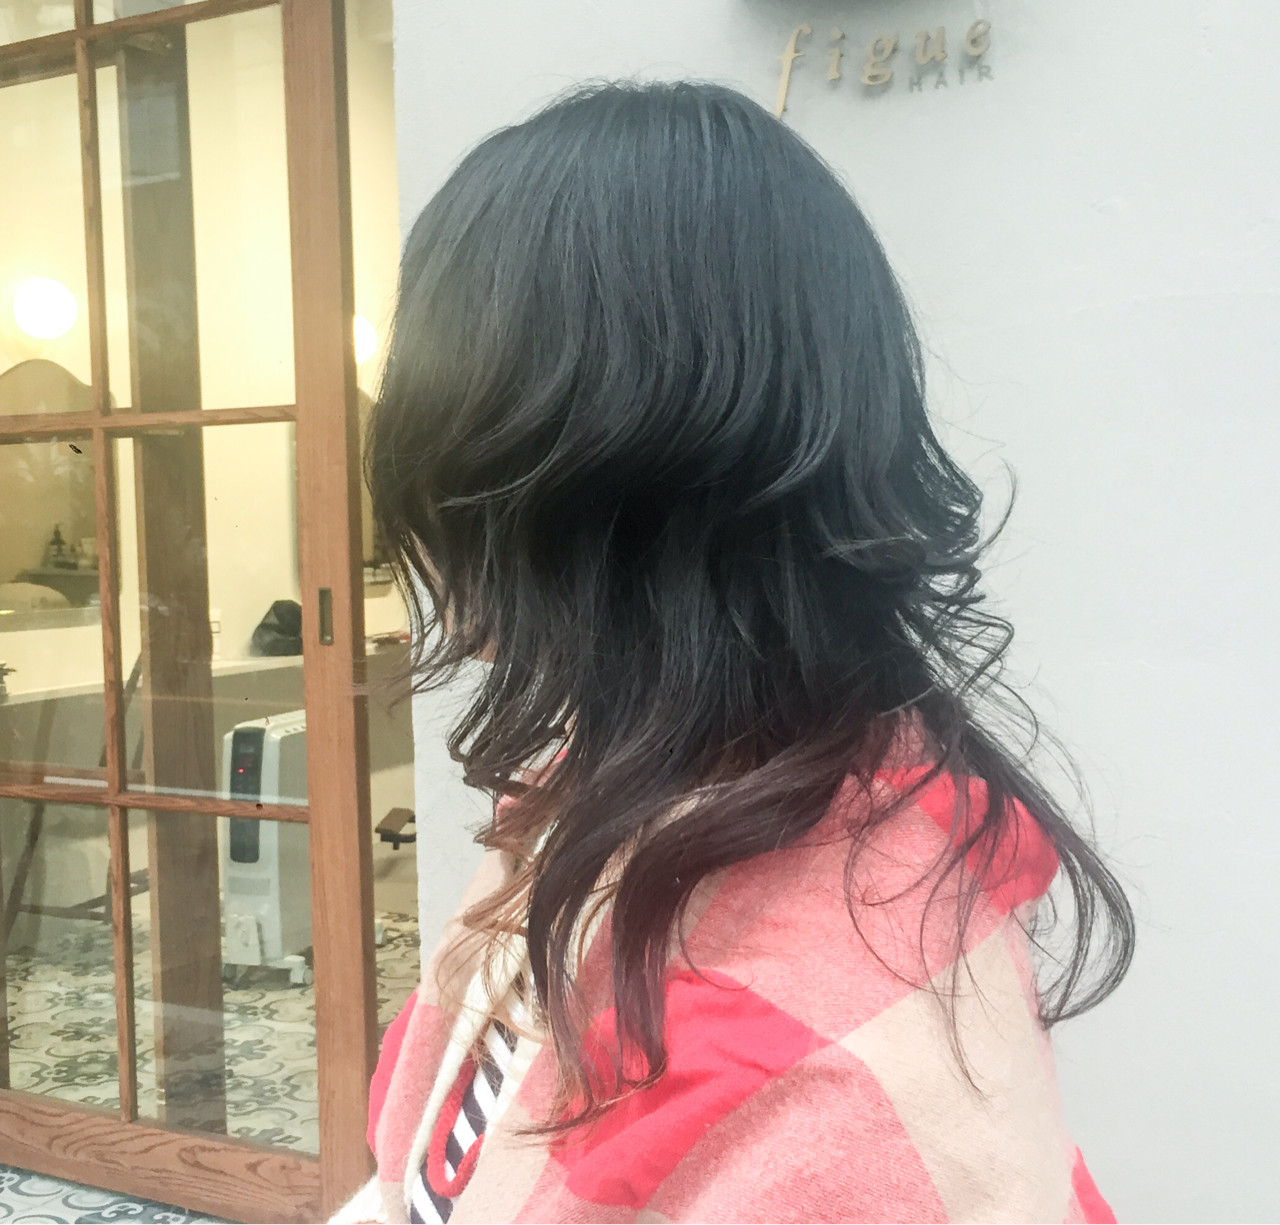 マッシュ フェミニン インナーカラー ロング ヘアスタイルや髪型の写真・画像